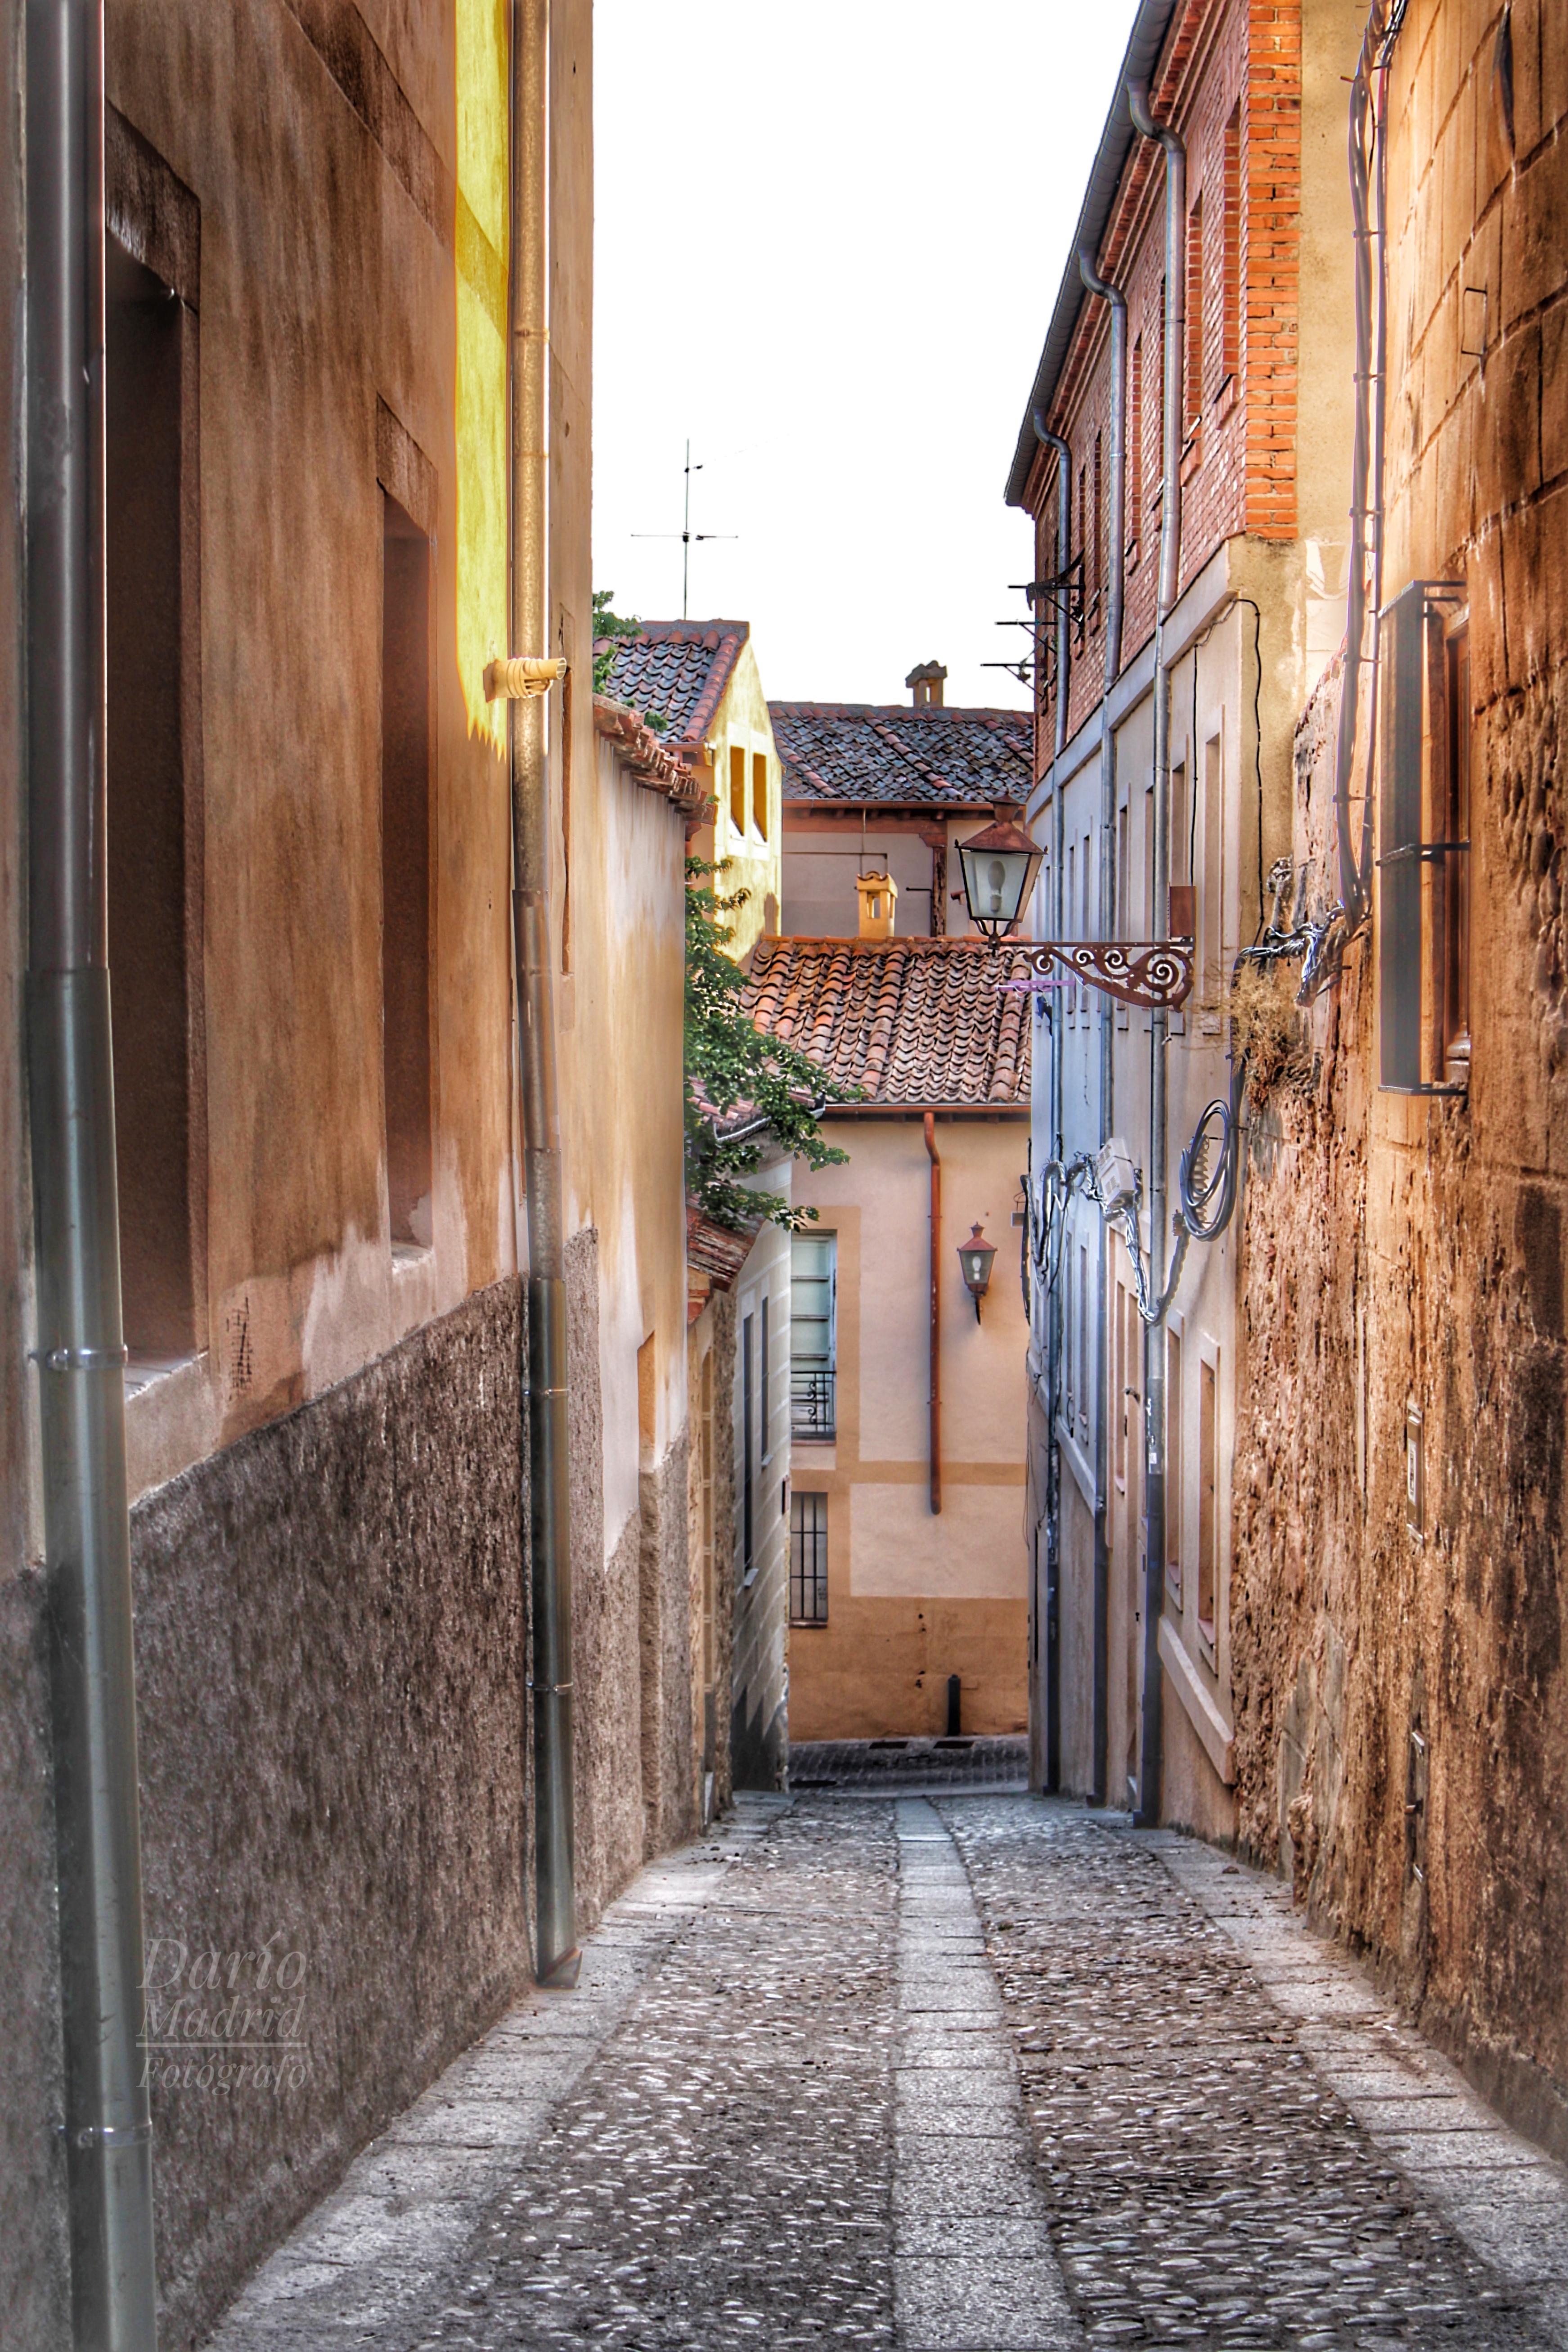 Calle de Segovia, Castilla, España